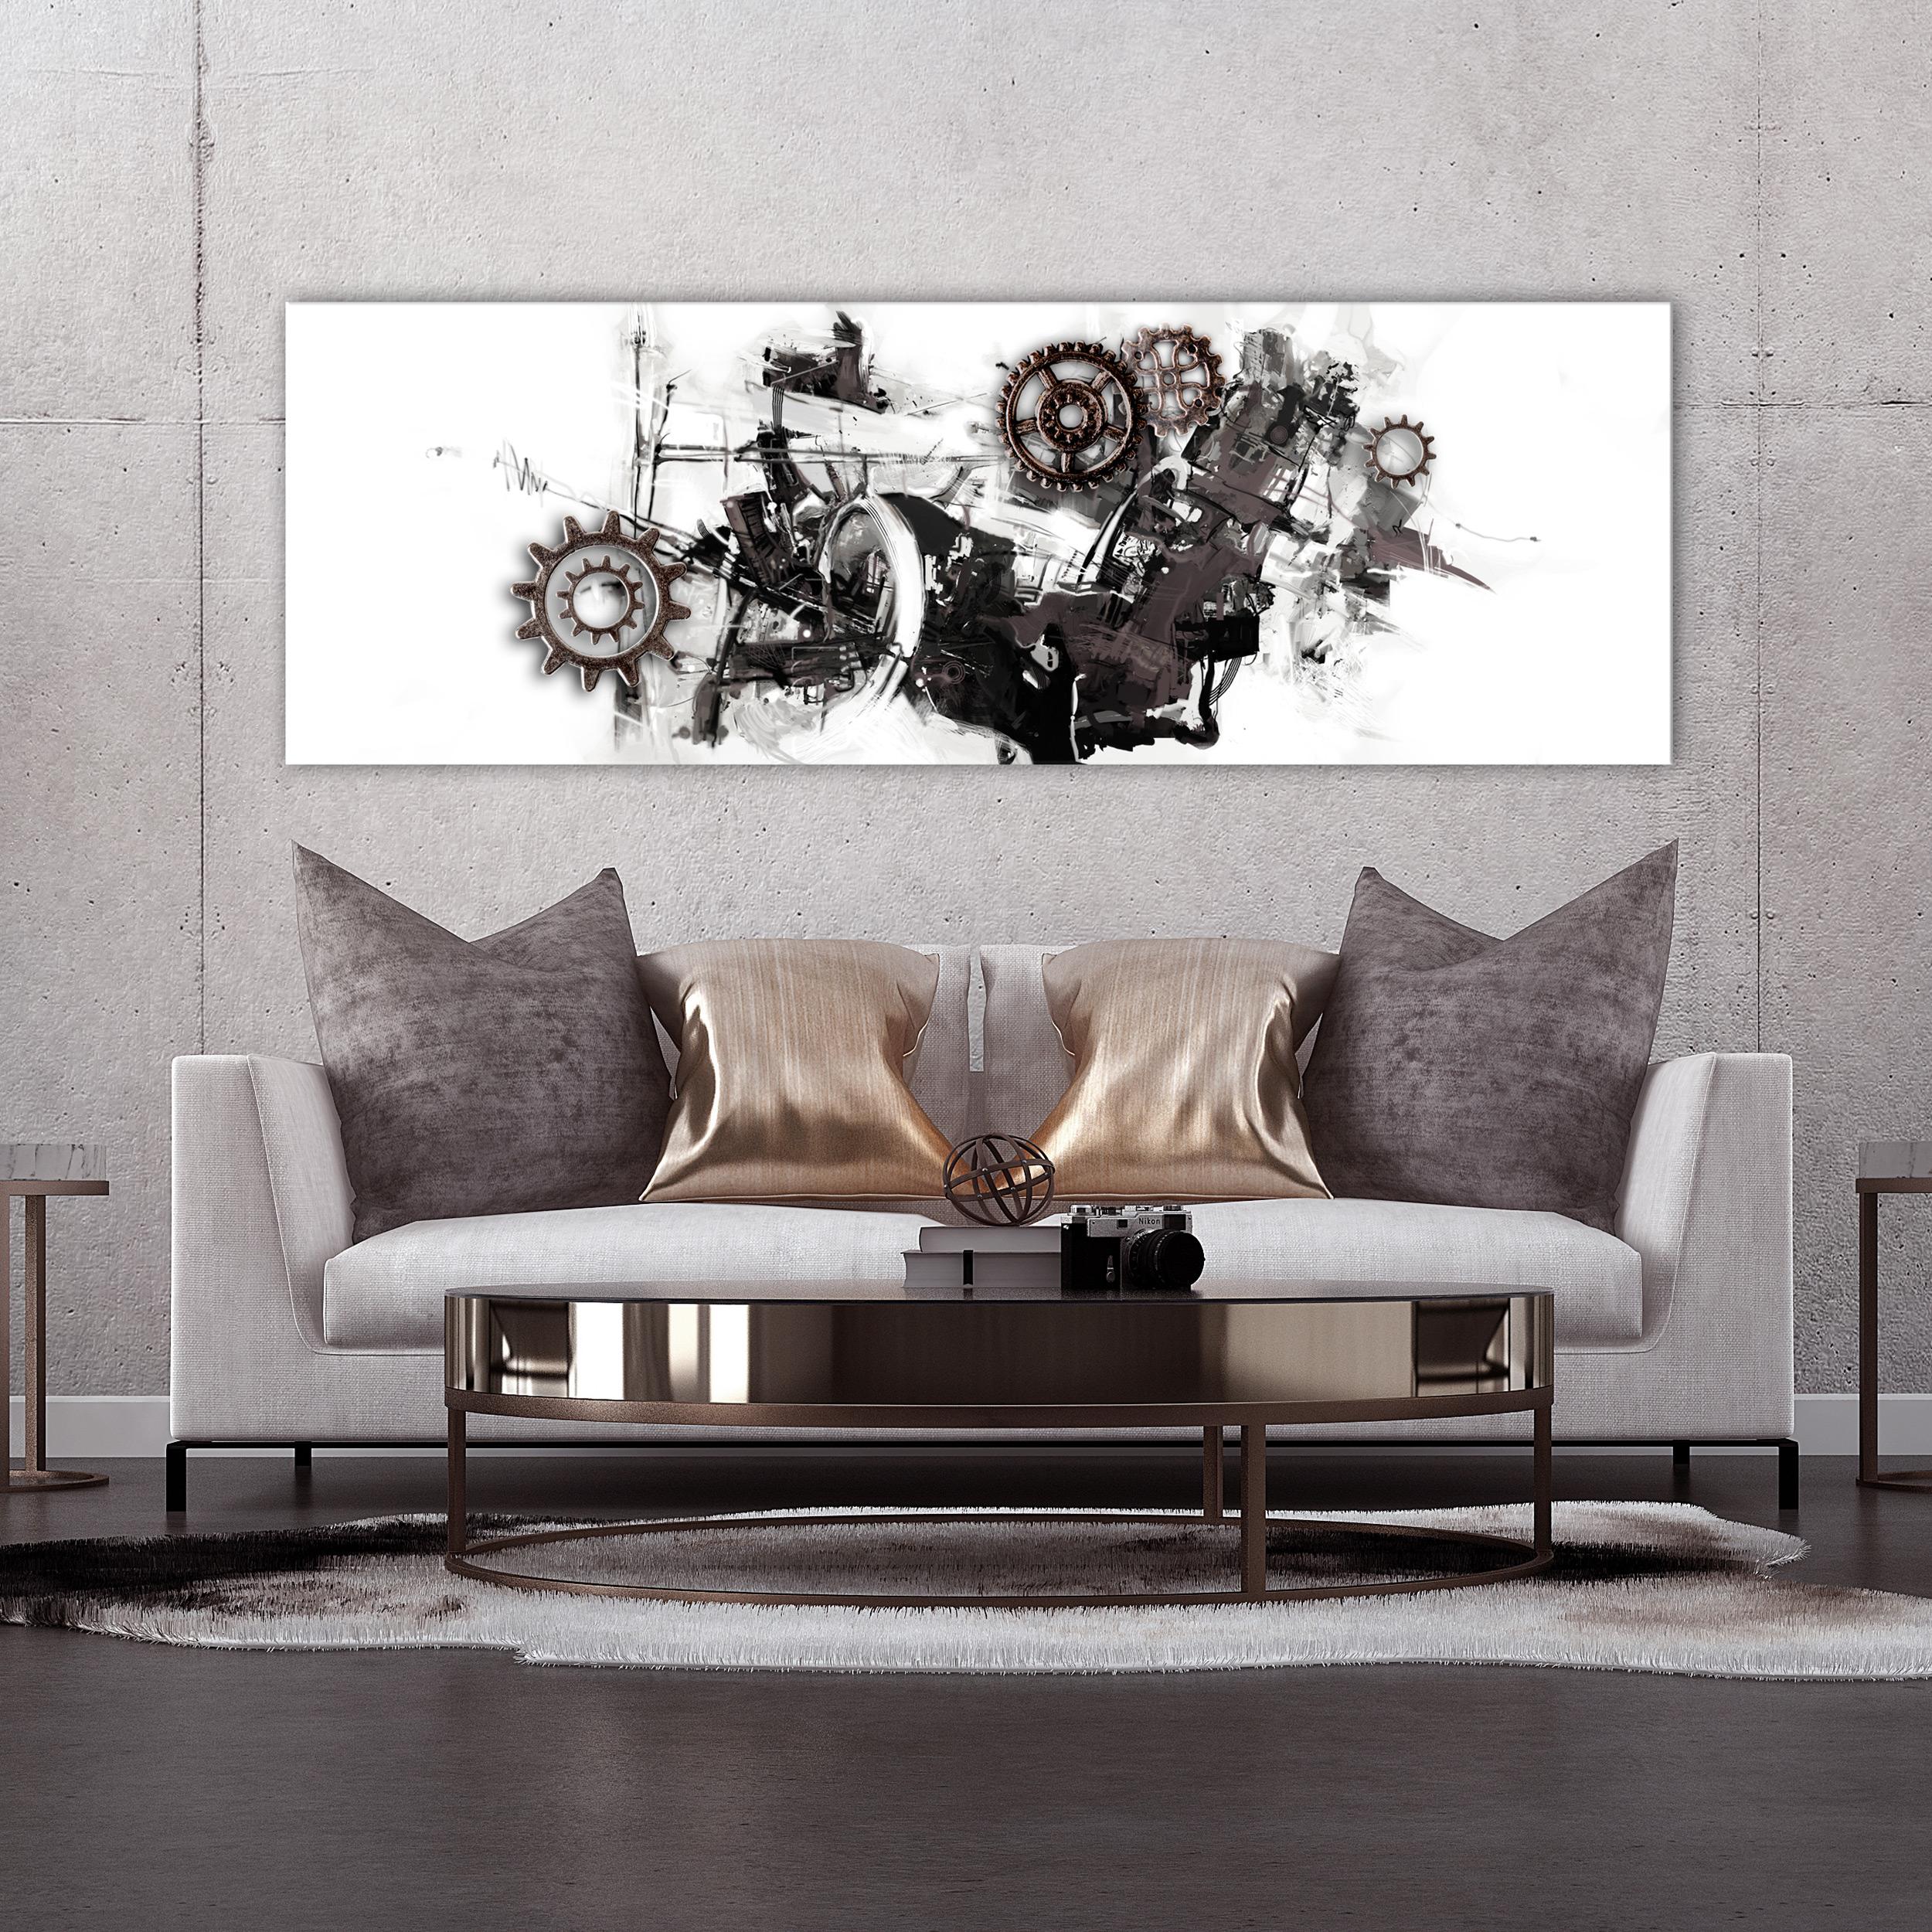 Full Size of Wohnzimmer Wandbild Dekoration Leinwand Bilder Geometrisch Abstrakt Kunst Grau Wandtattoos Stehlampen Großes Bild Deckenlampen Für Wandbilder Liege Poster Wohnzimmer Wohnzimmer Wandbild